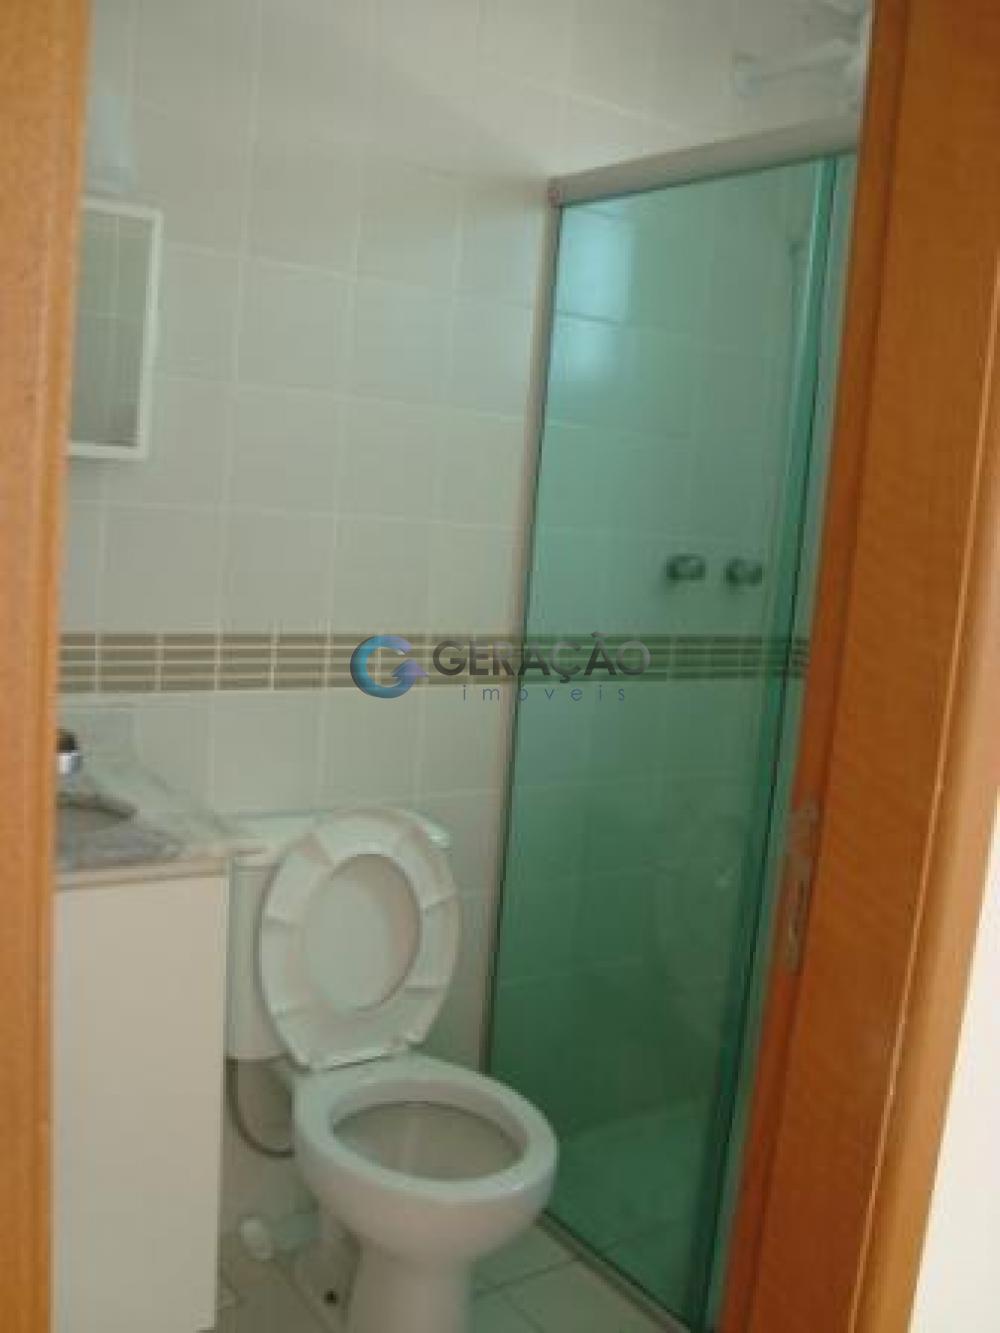 Alugar Apartamento / Padrão em São José dos Campos apenas R$ 2.000,00 - Foto 4